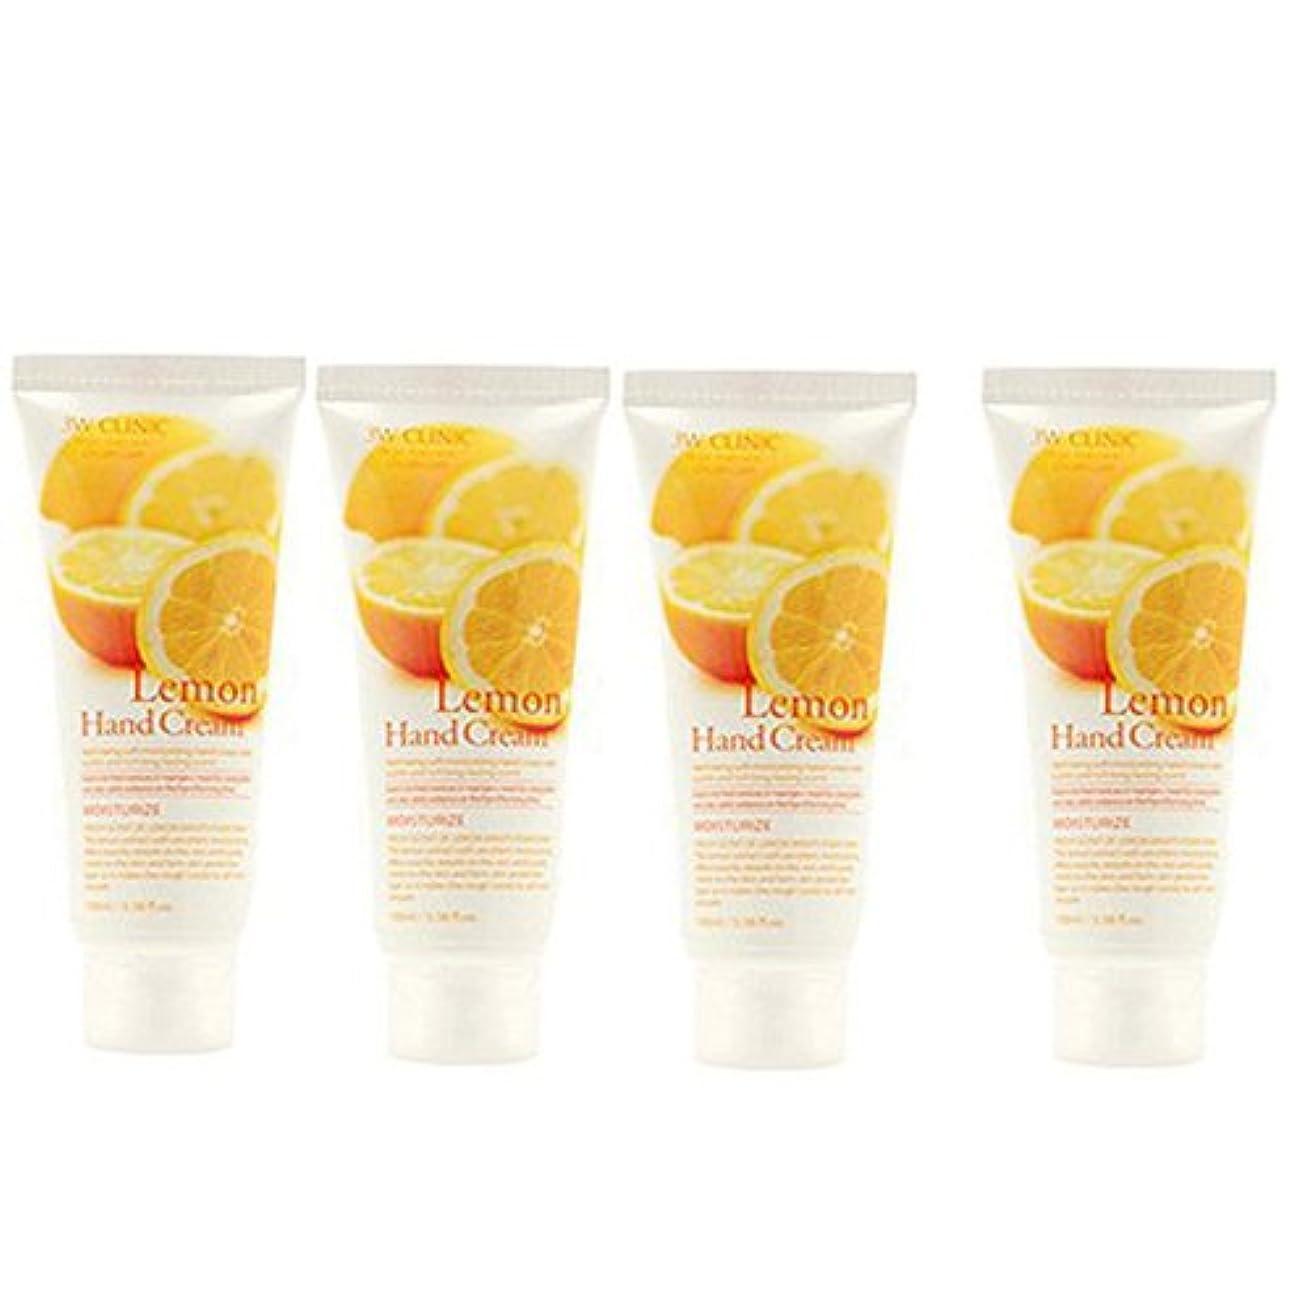 争い人間表現3w Clinic[韓国コスメARRAHAN]Moisturizing Lemon Hand Cream モイスチャーリングレモンハンドクリーム100mlX4個 [並行輸入品]